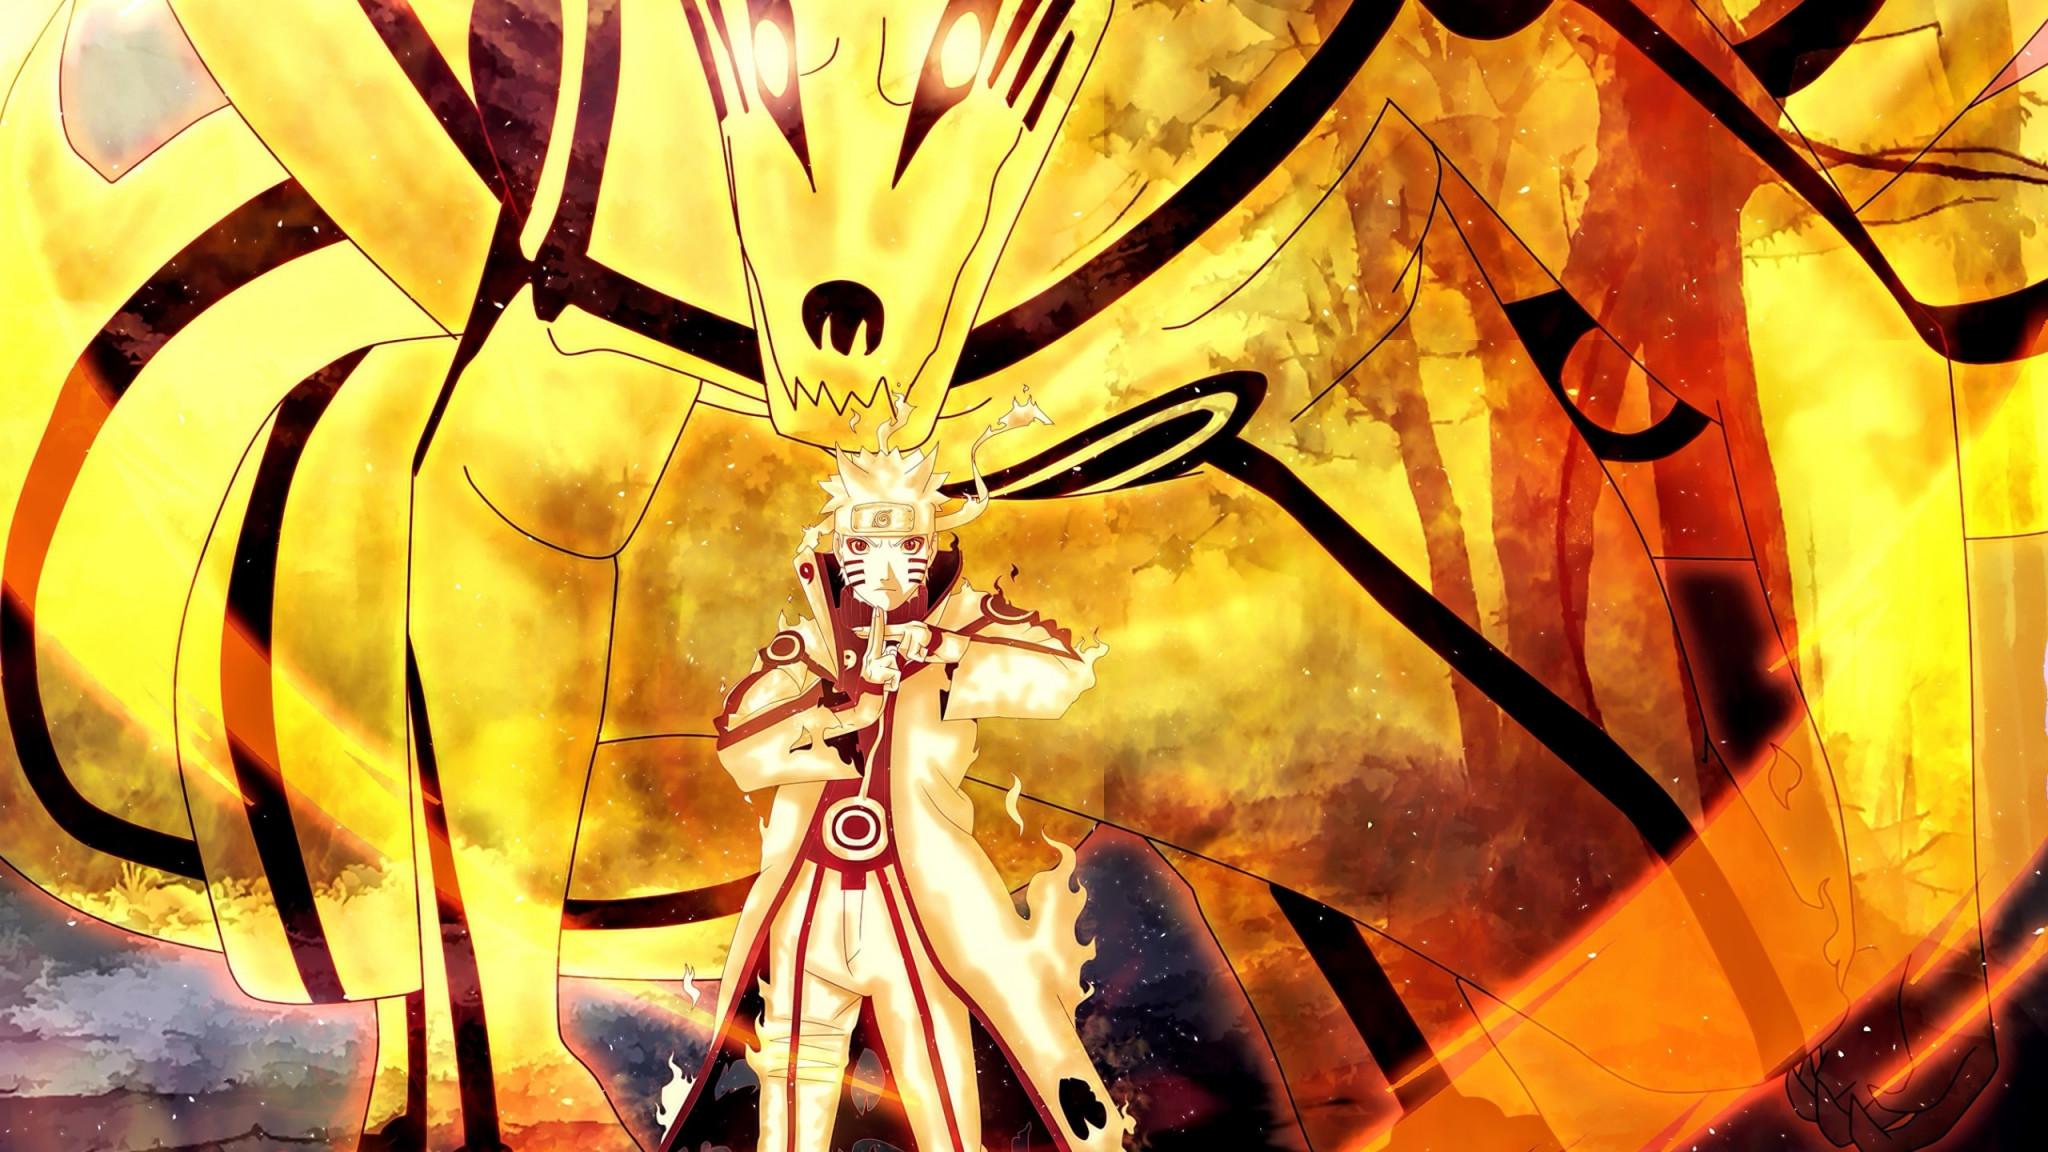 1920x1080 Images Of Naruto And Gaara